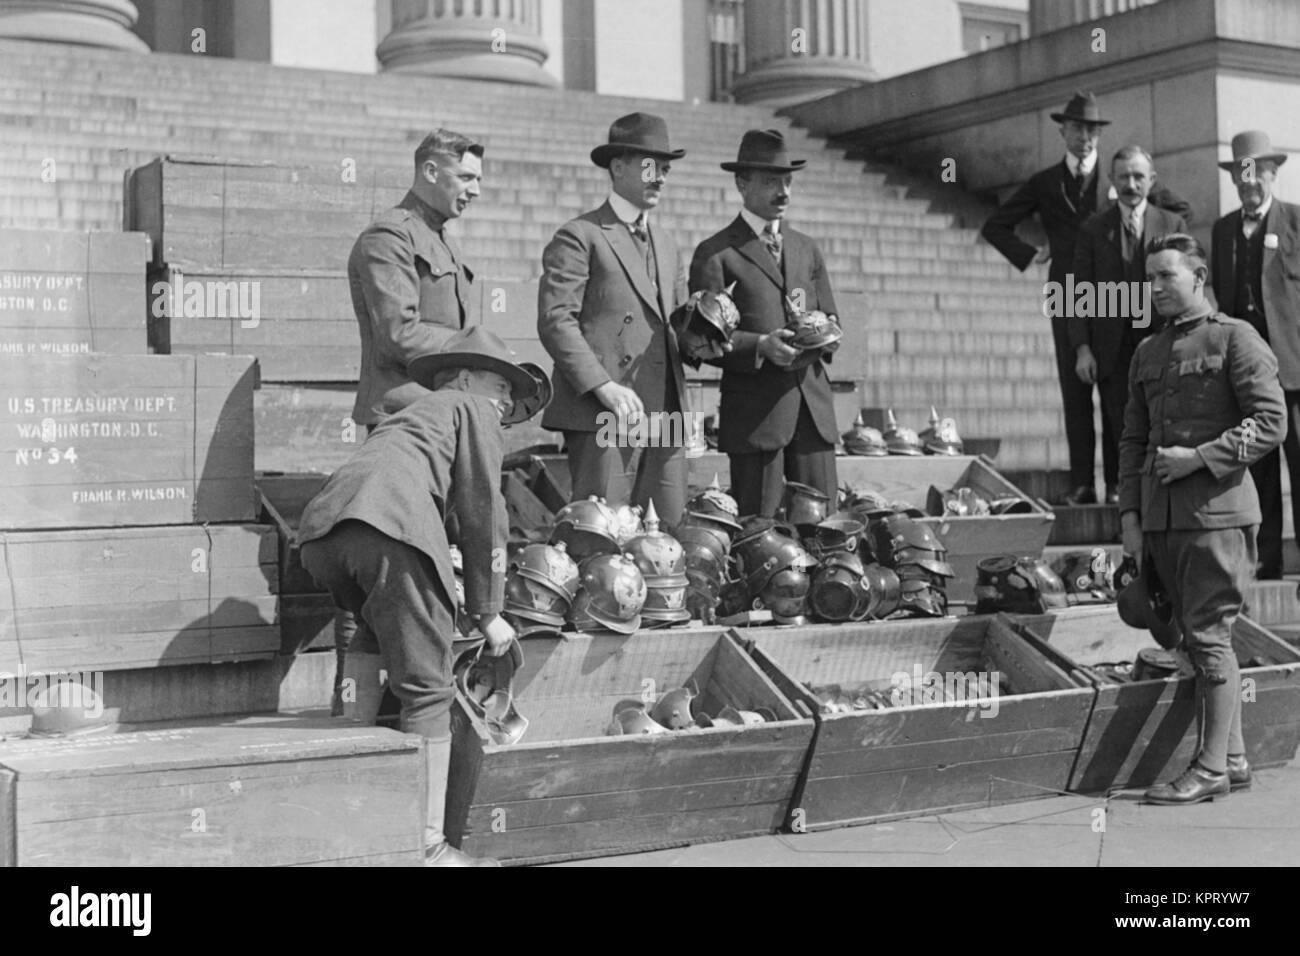 Gli uomini di scarico caschi prussiano Foto Stock